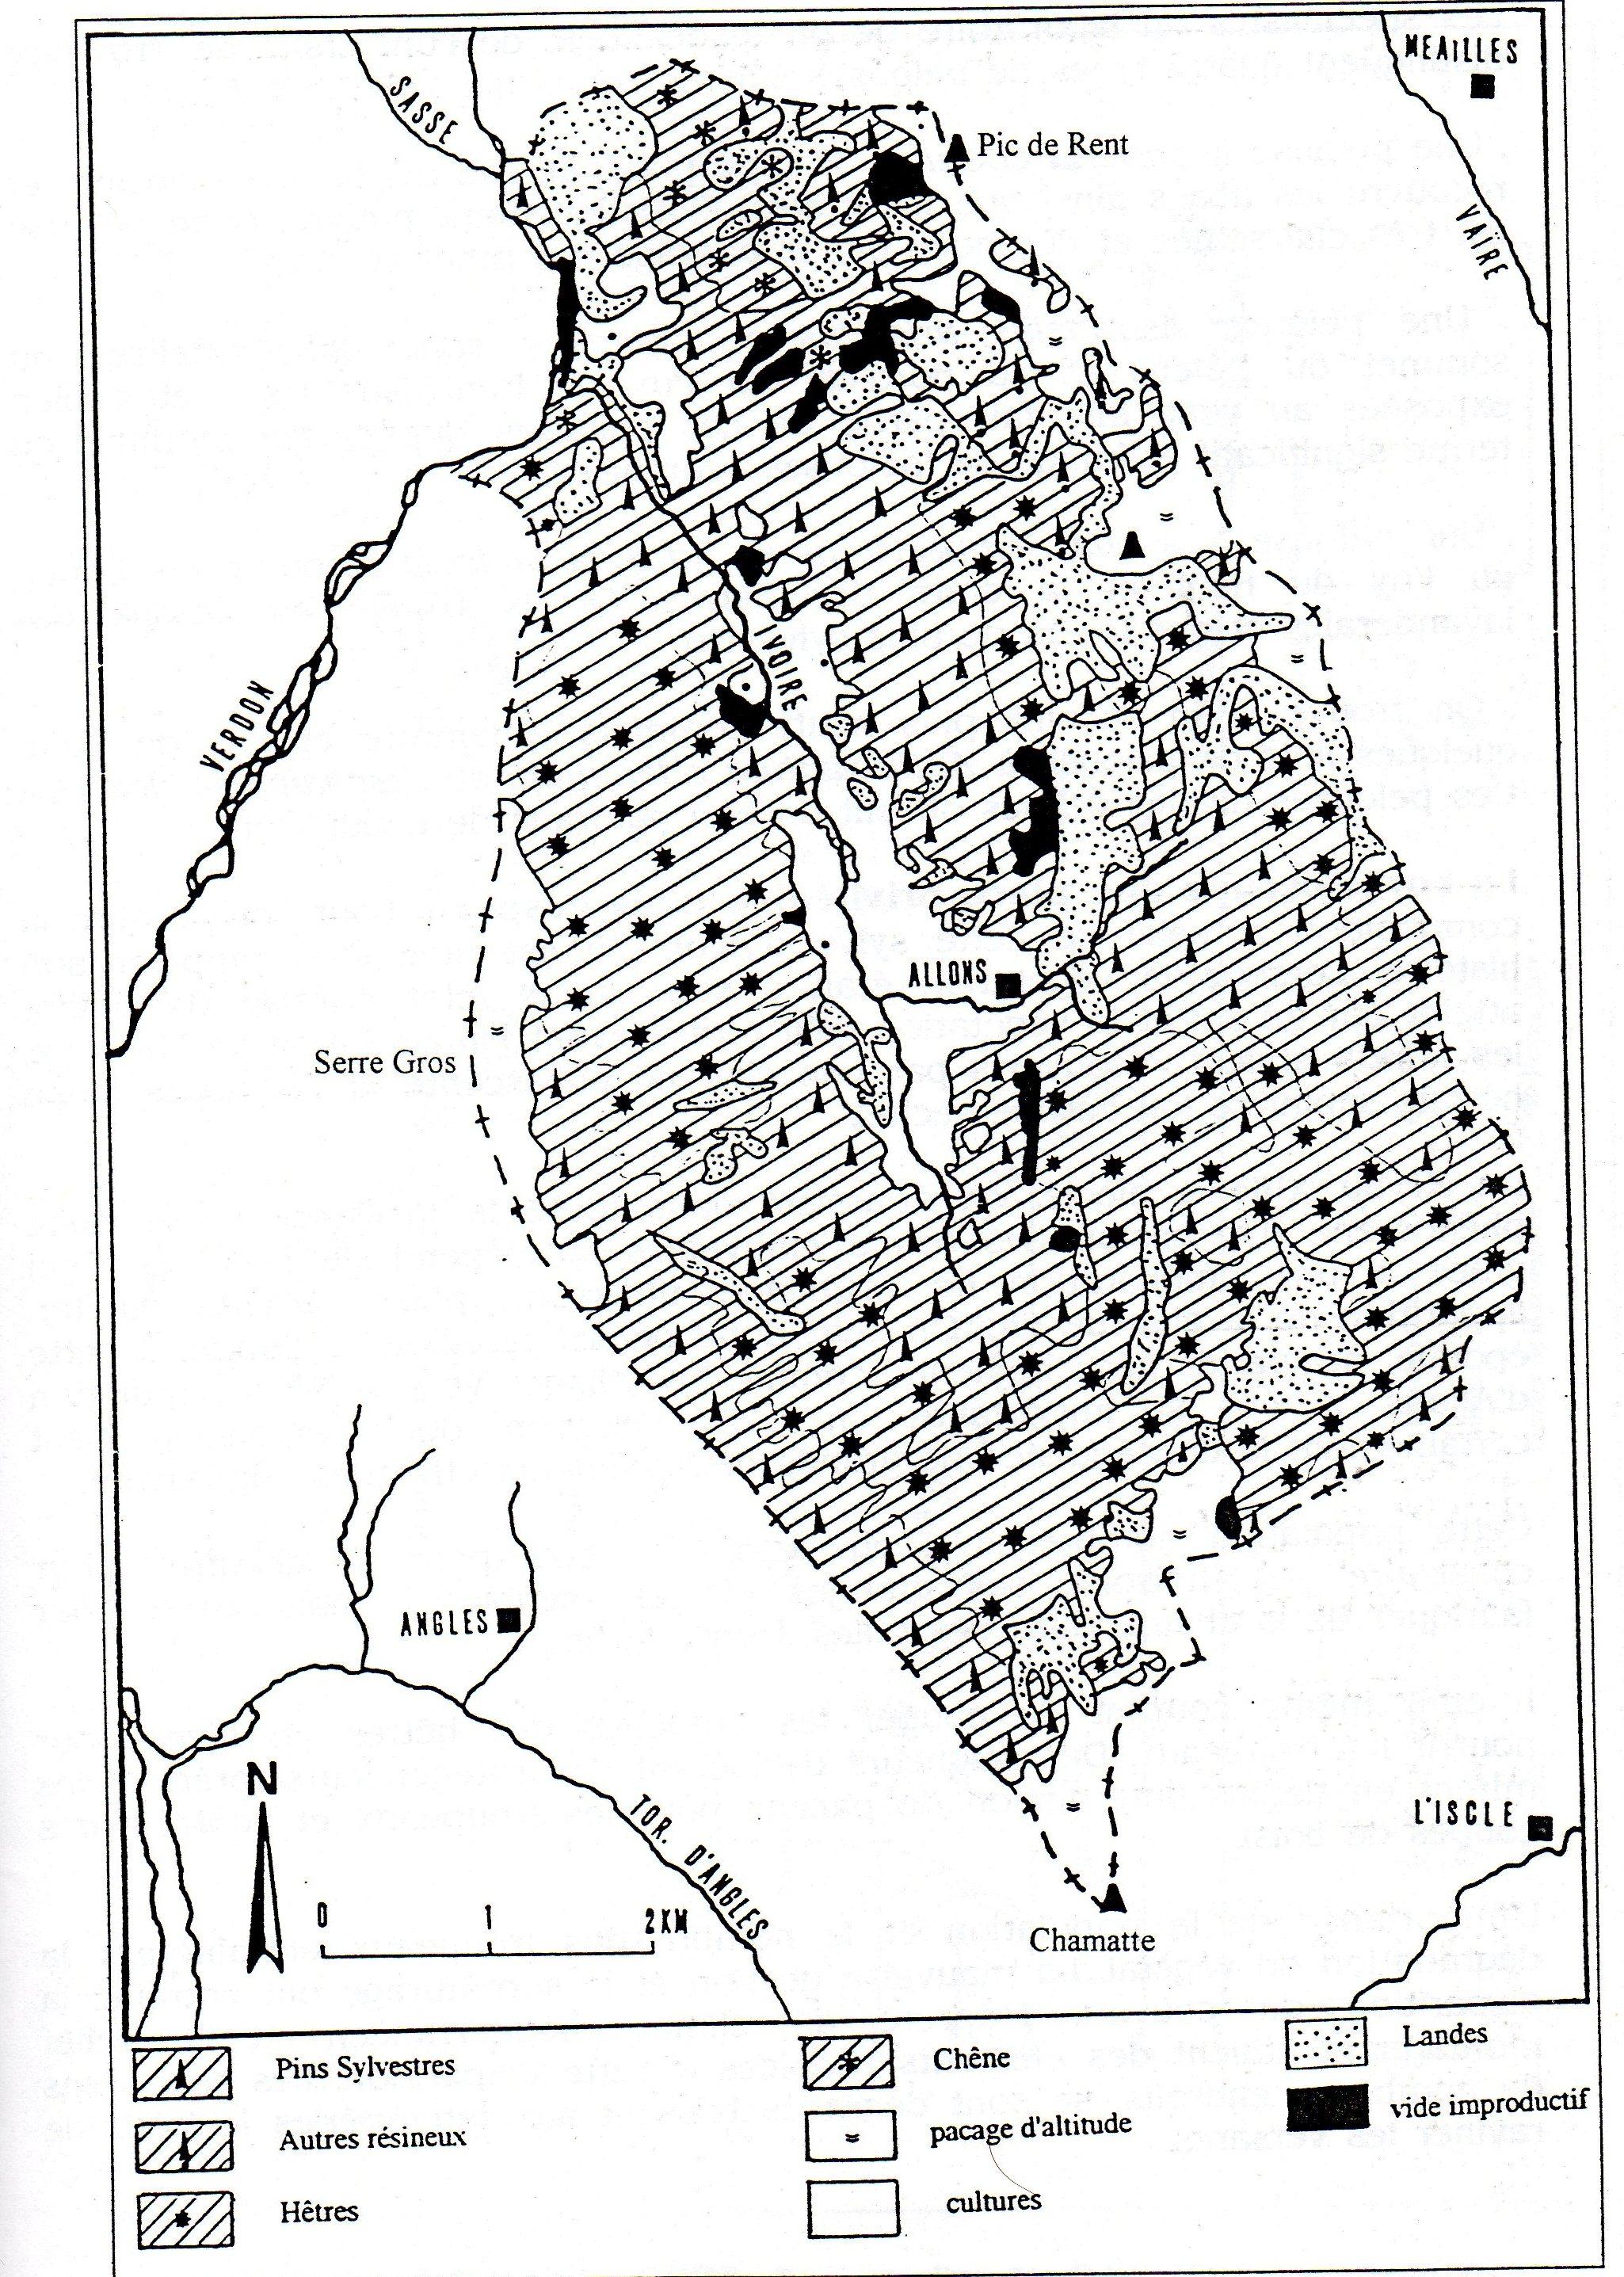 Carte de la végétation : Sources enquête O.N.F.